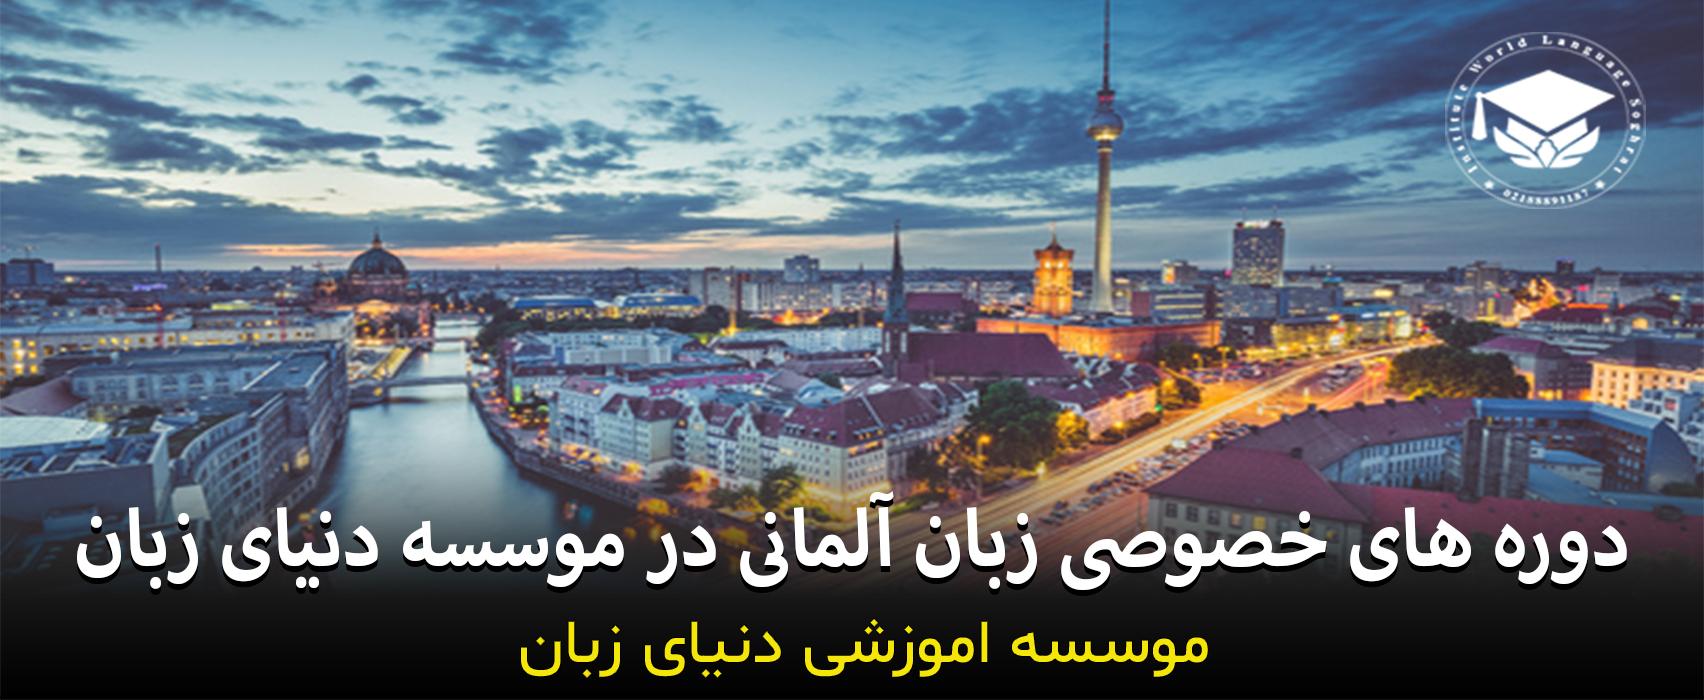 آموزش خصوصی زبان آلمانی در نیاوران یا جماران